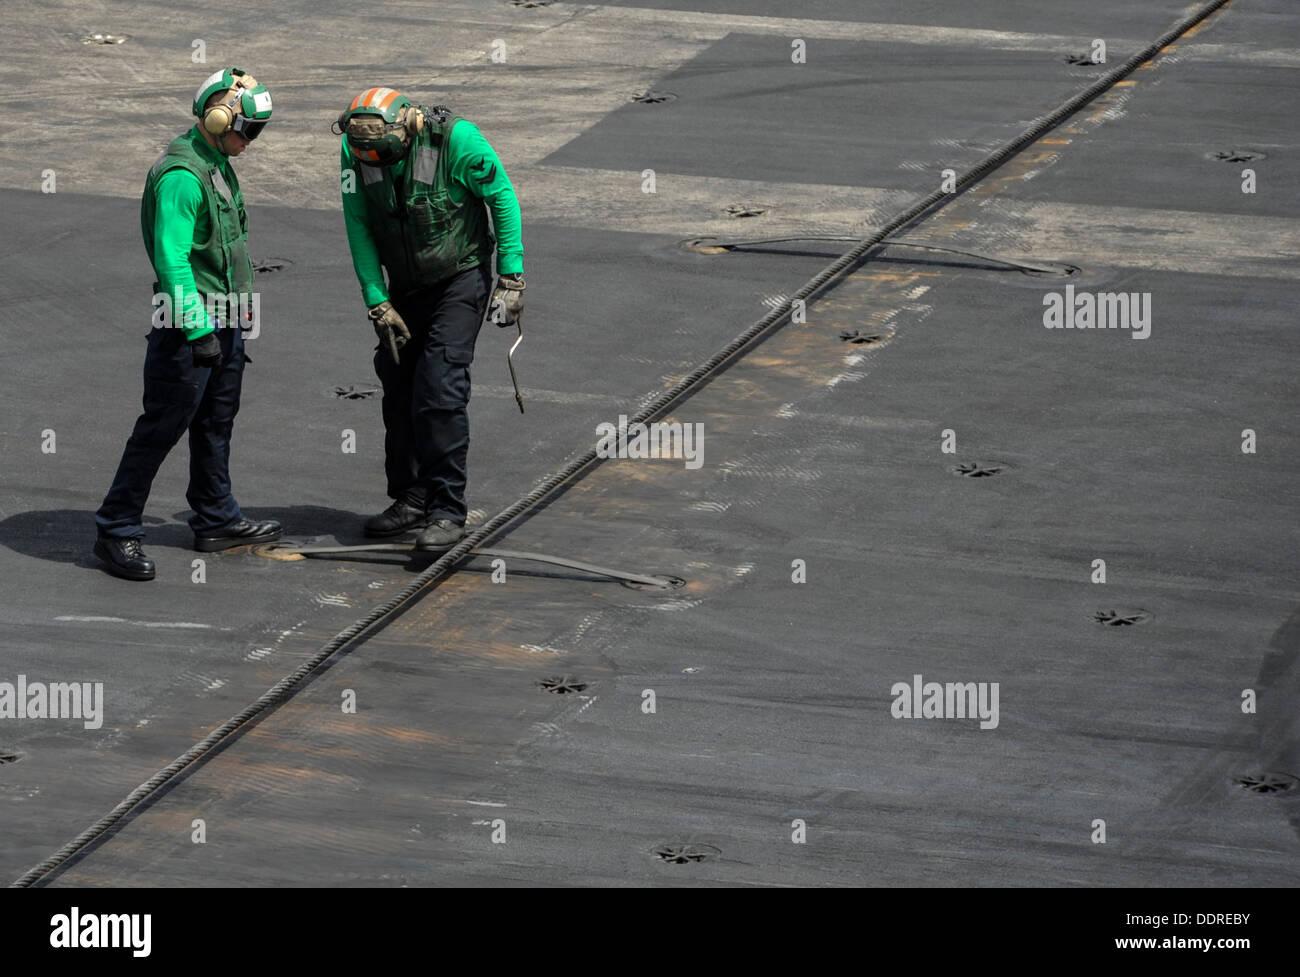 Boatswain's Aviation mates (équipement) inspecter les câbles d'arrêt avant d'opérations de vol à bord du porte-avions USS Photo Stock